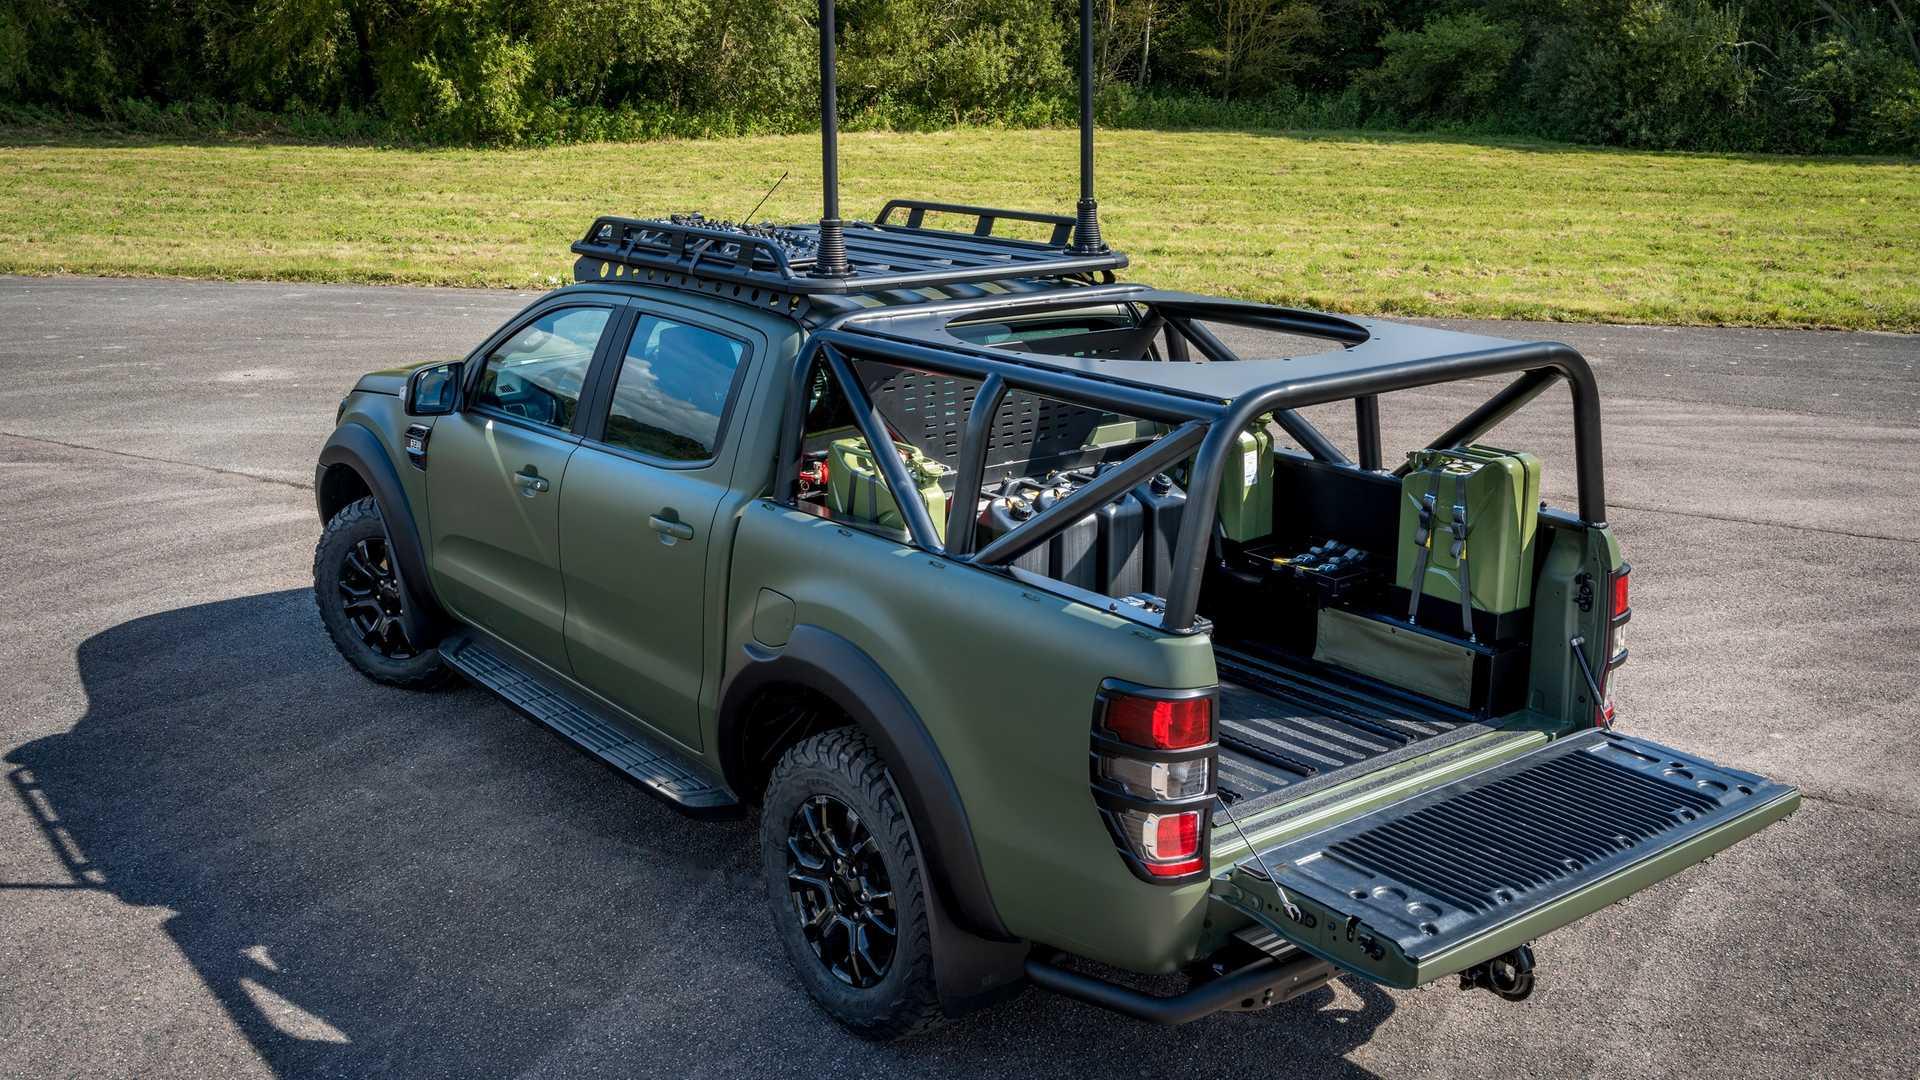 Позашляховик Ford Ranger у військовому виконанні